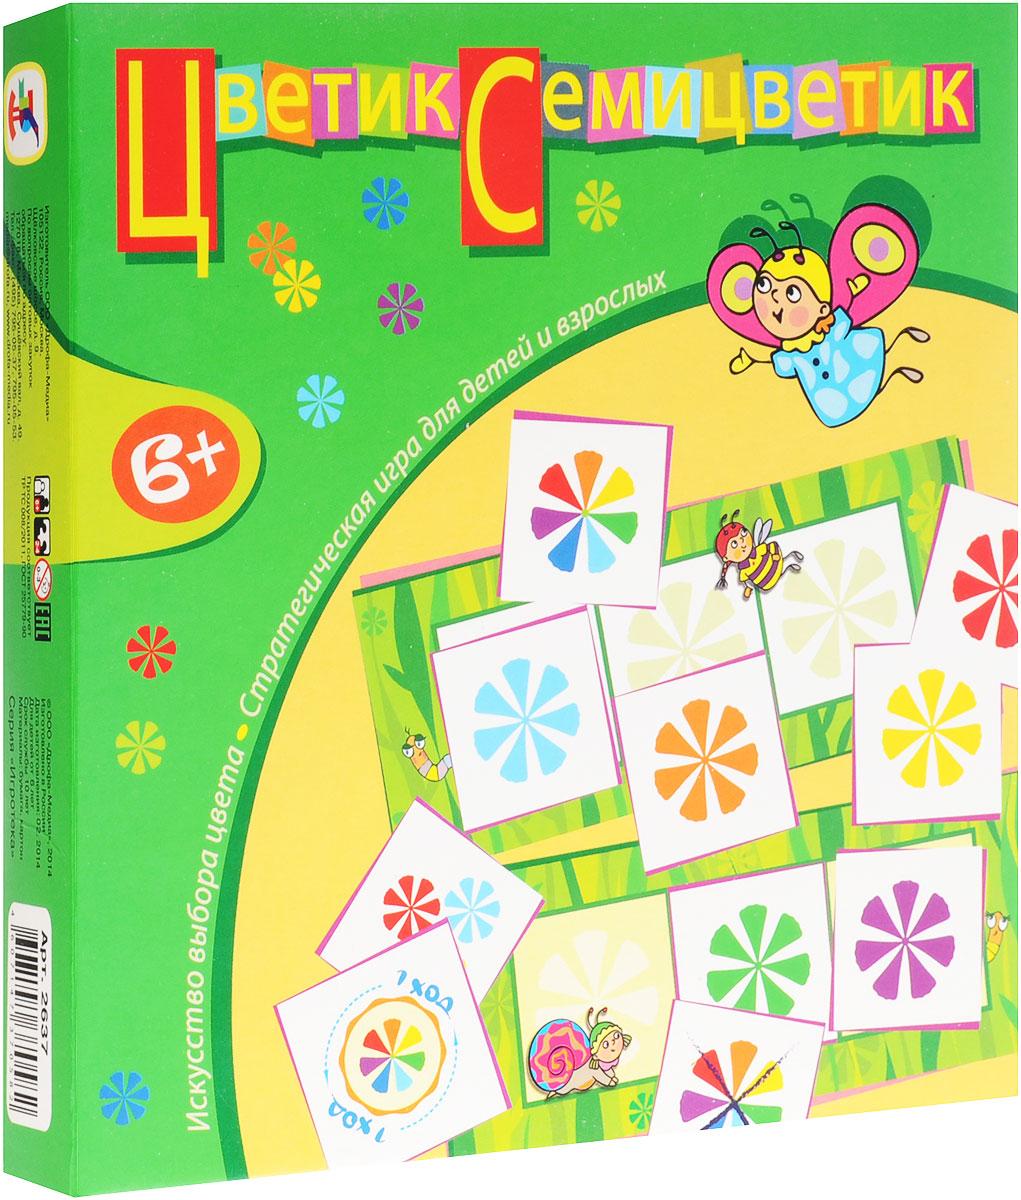 Дрофа-Медиа Настольная игра Цветик-семицветик2637Настольная игра Цветик-семицветик позволит ребенку весело и увлекательно провести свободное время. В этой динамичной и весёлой игре ребенку предстоит собирать букеты из цветиков-семицветиков так, чтобы получившаяся комбинация принесла наибольшее количество очков. Будьте внимательны - соперники могут испортить все ваши планы! В комплекте 4 игровых поля и 73 игровые карточки. Цветик-семицветик развивает логическое мышление, наблюдательность и внимание, учит действовать по правилам. Настольная игра Цветик-семицветик станет незаменимым подарком вашим близким и родным людям!